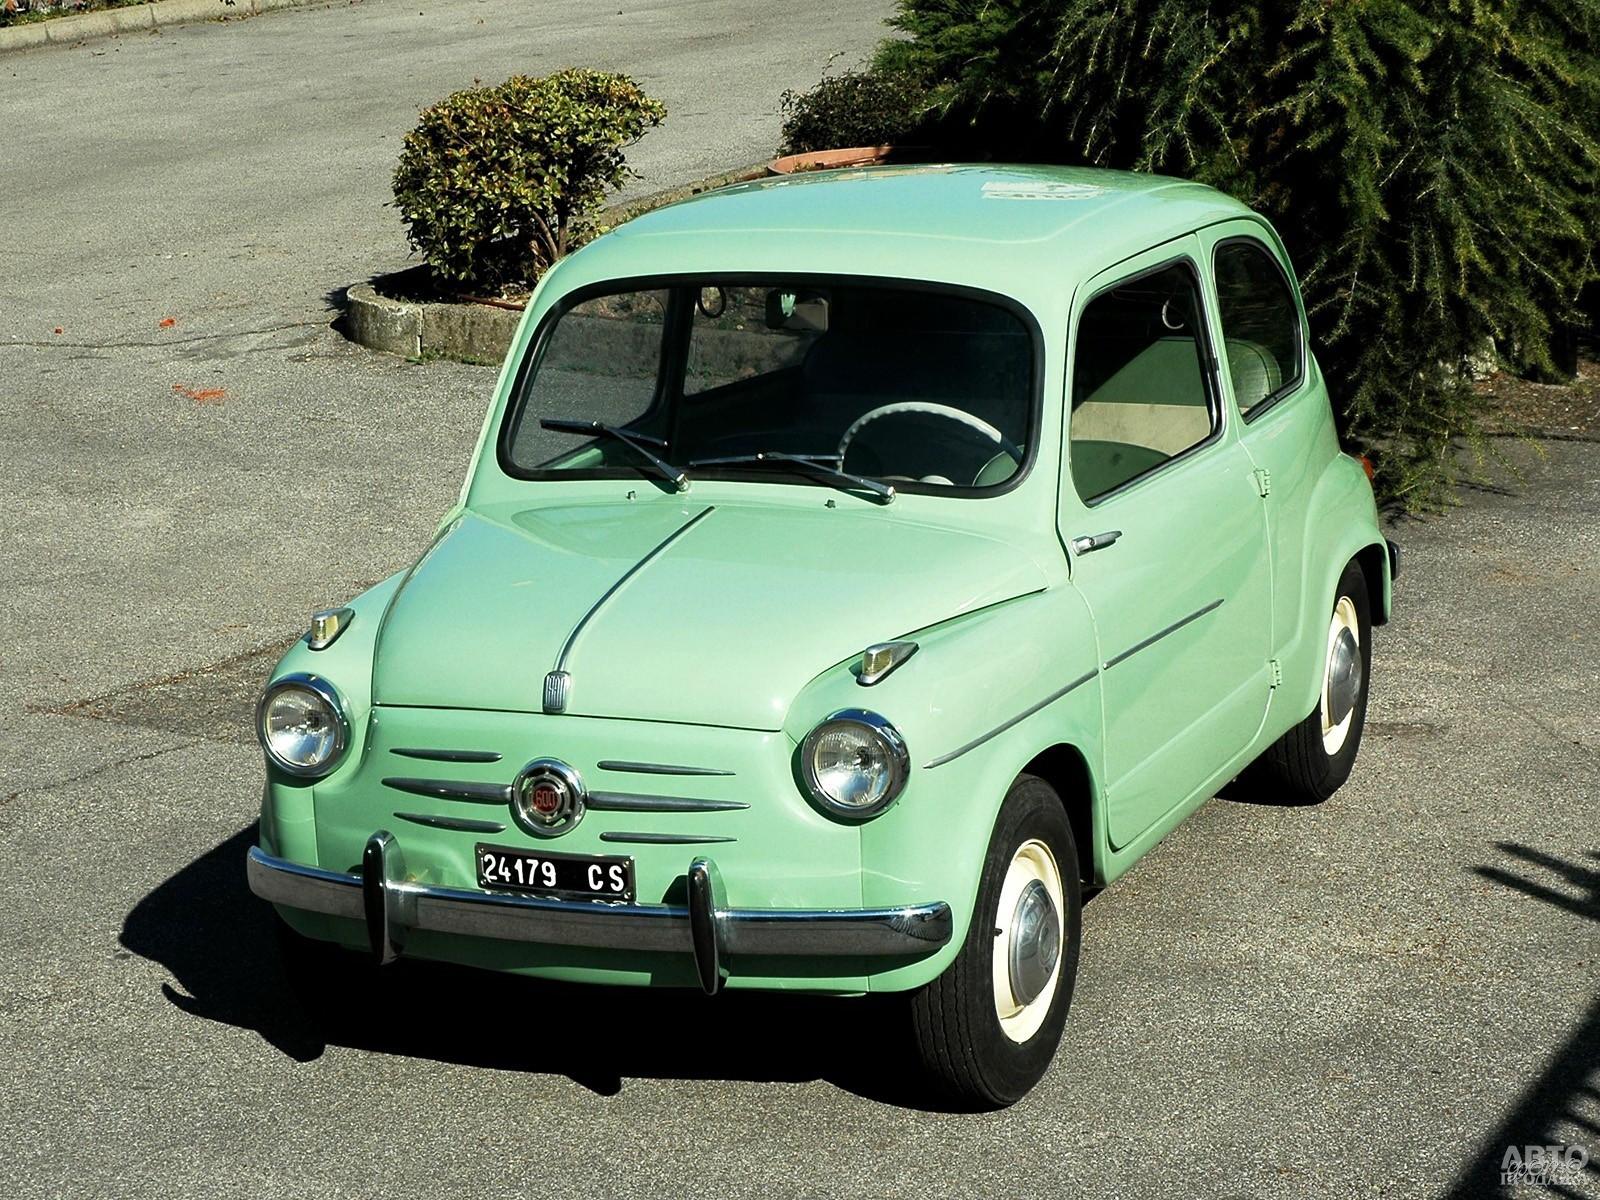 Fiаt 600 дебютировал в 1955 году